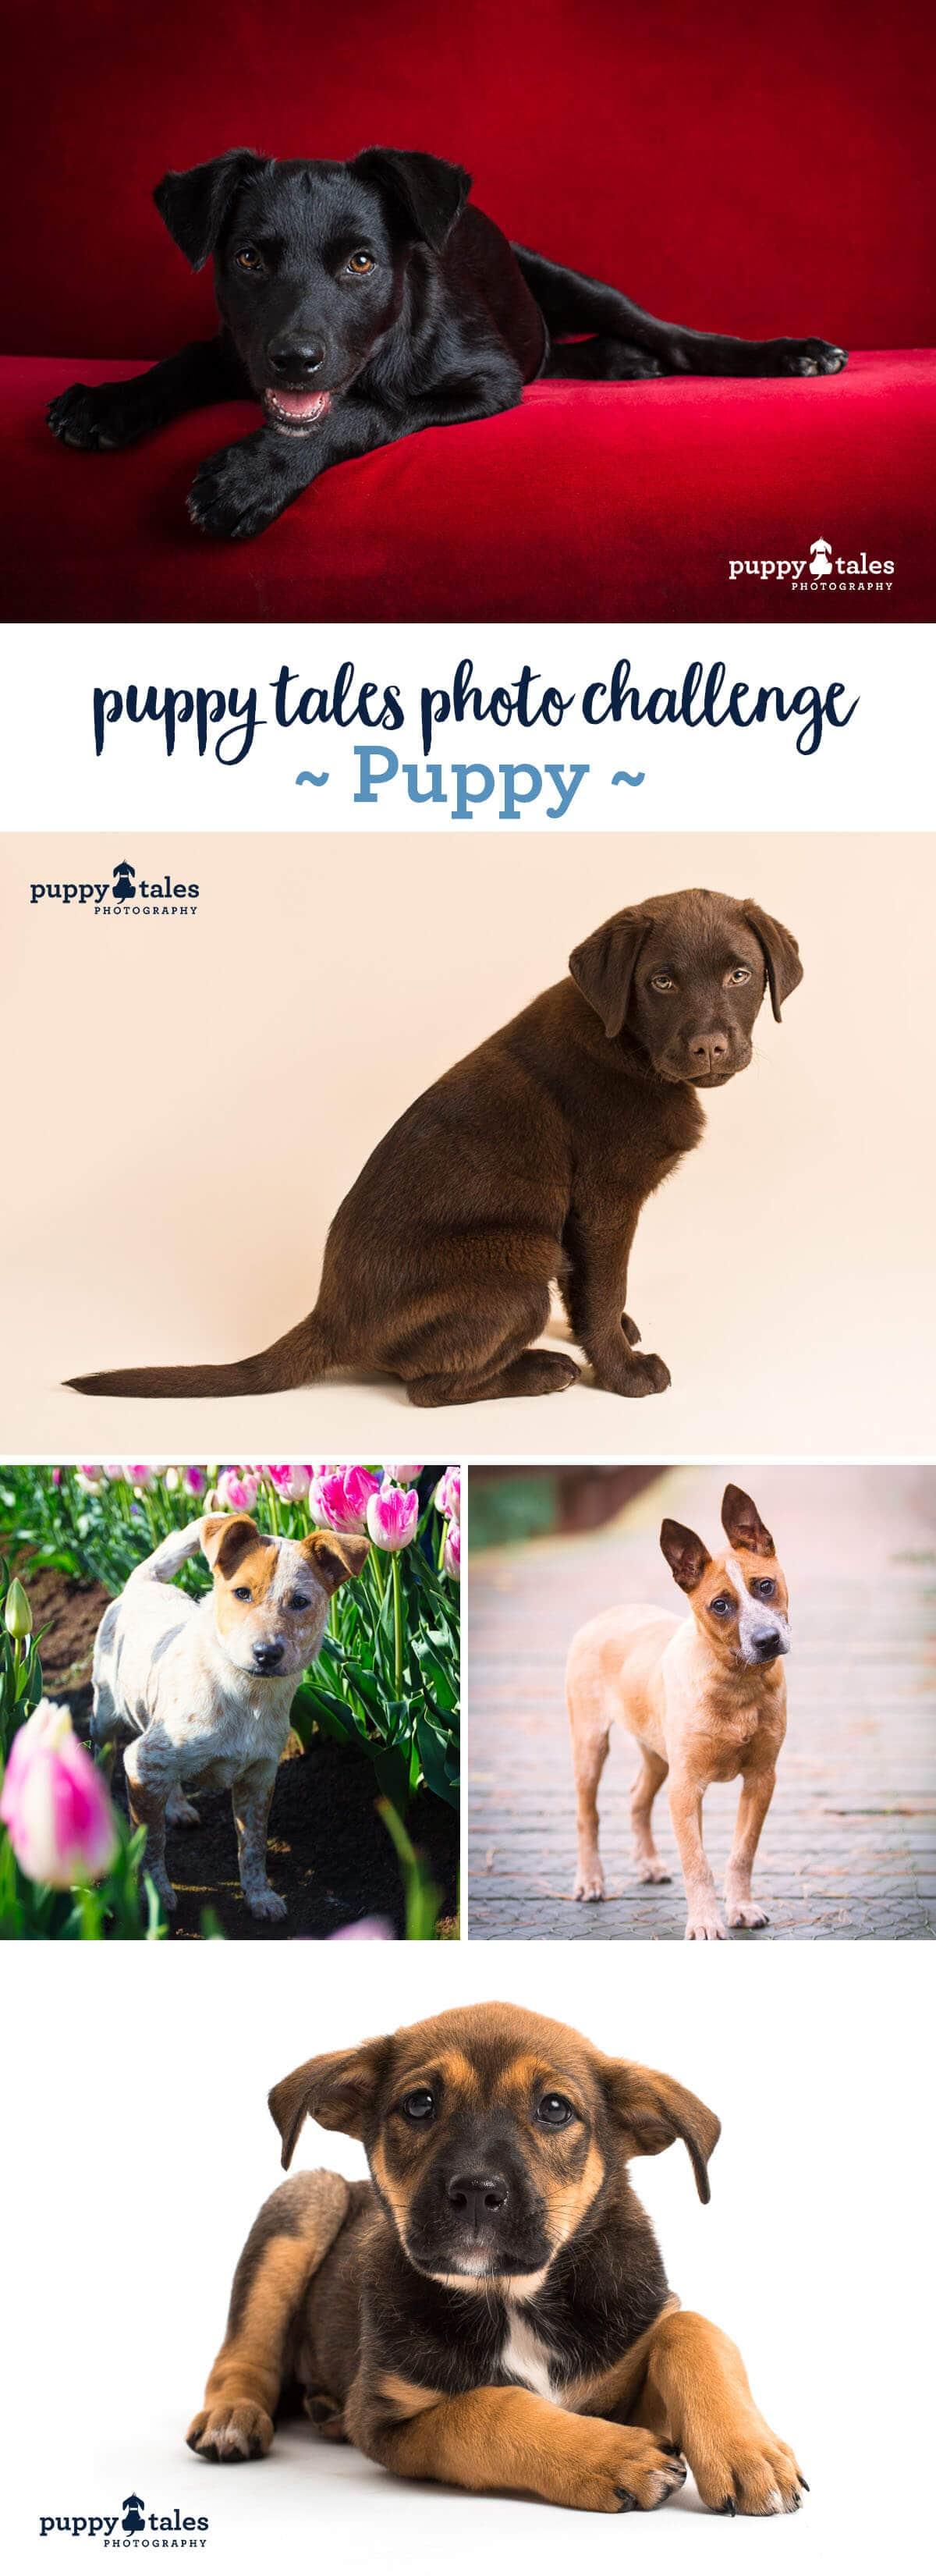 Puppy Tales Photo Challenge - Puppy